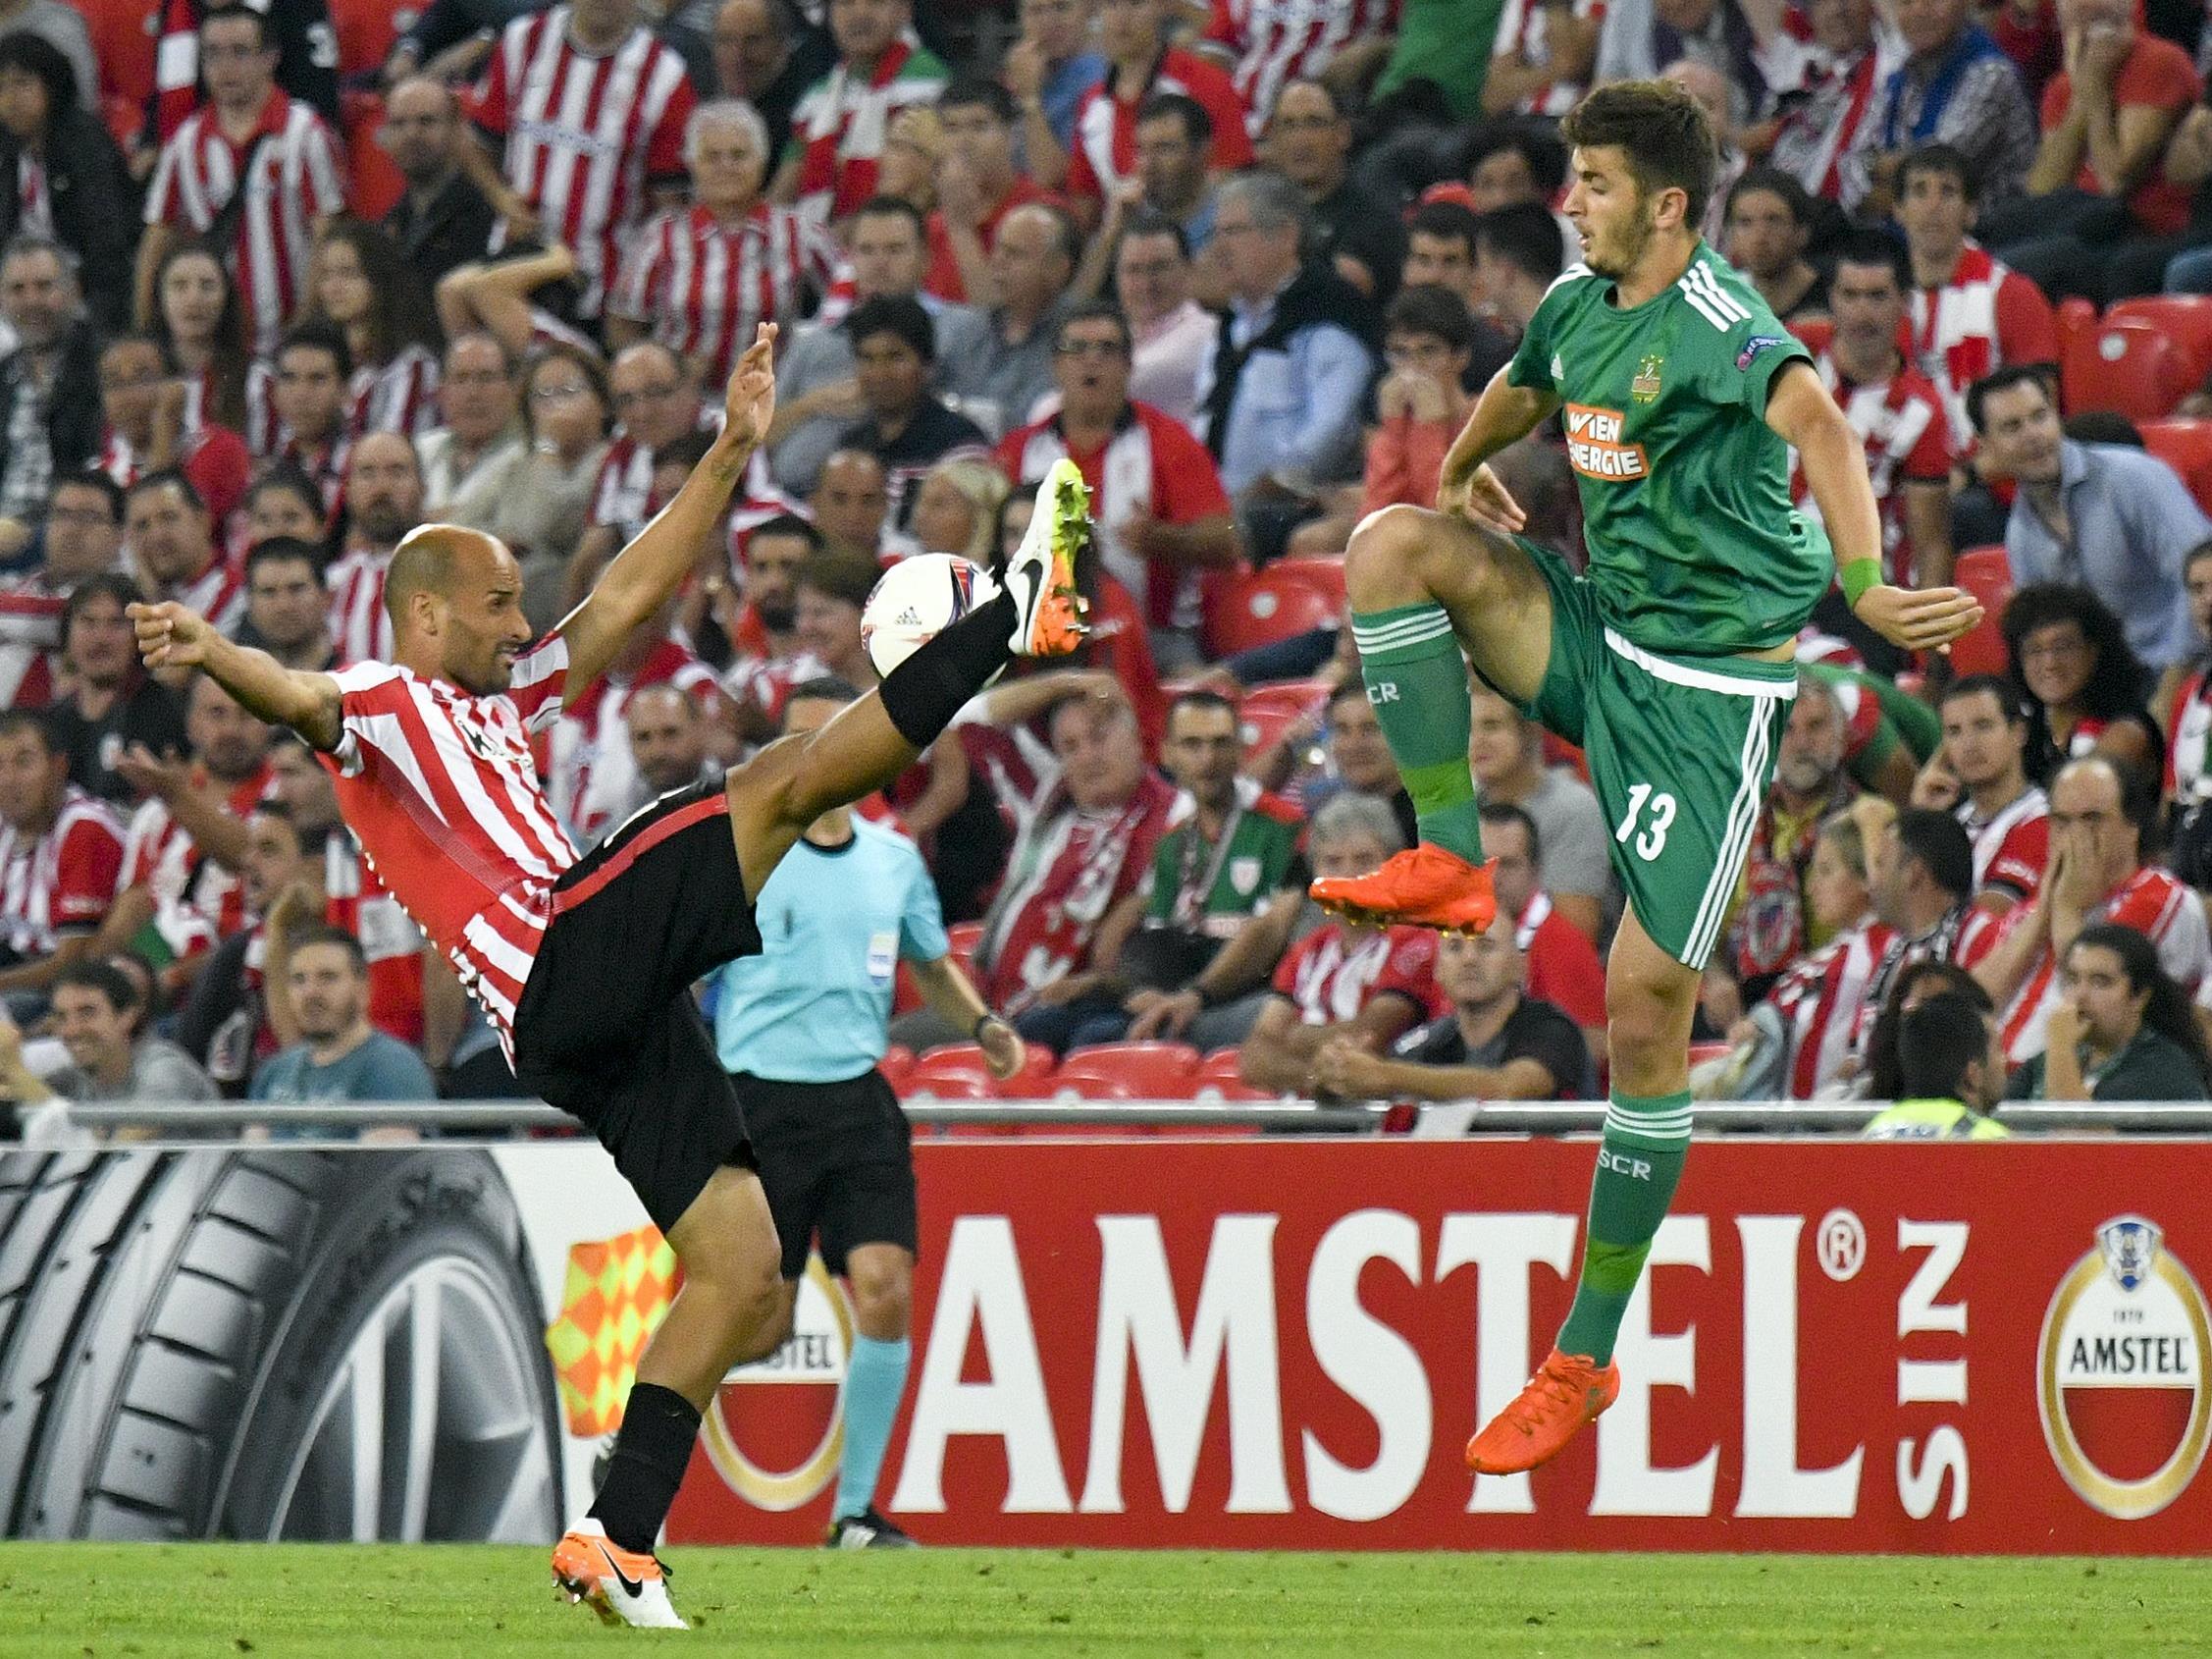 Rapid verabschiedet sich gegen Athletic Bilbao aus der Europa League.